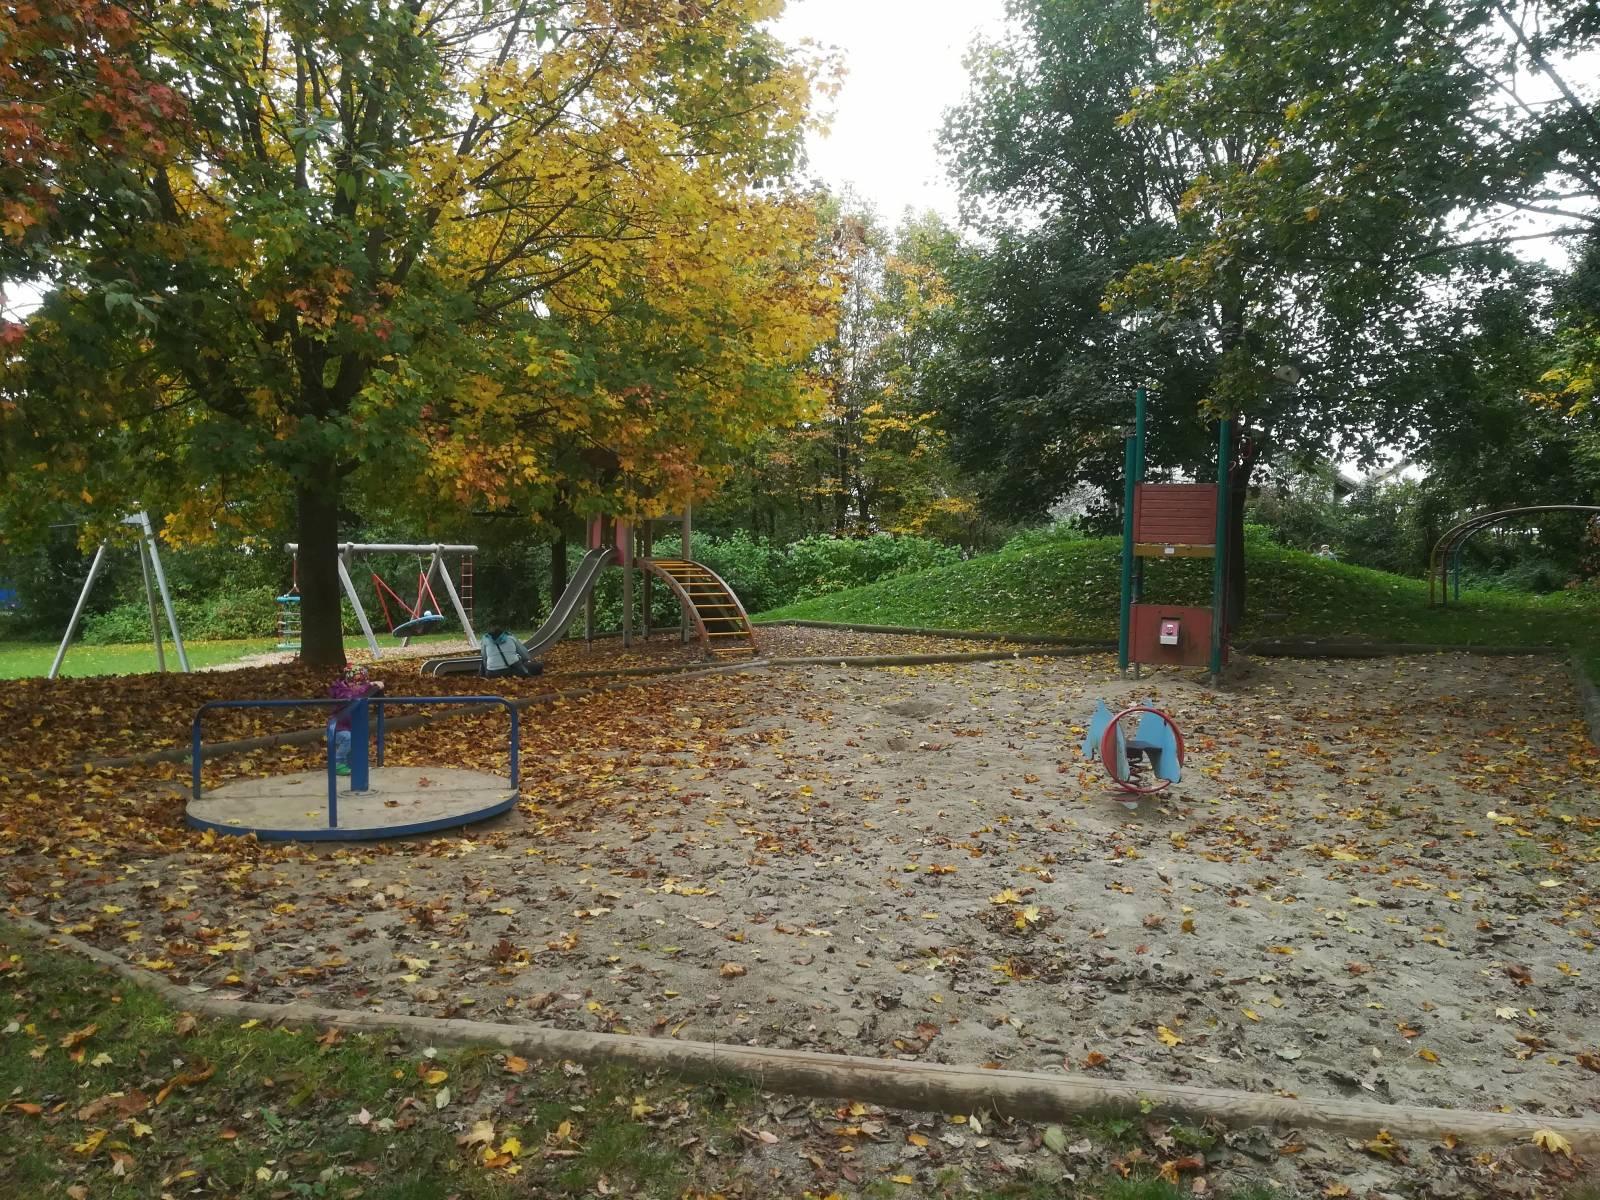 Kletterbogen Spielplatz : Spielplatz rammingerstraße in biberach an der riß mittelberg